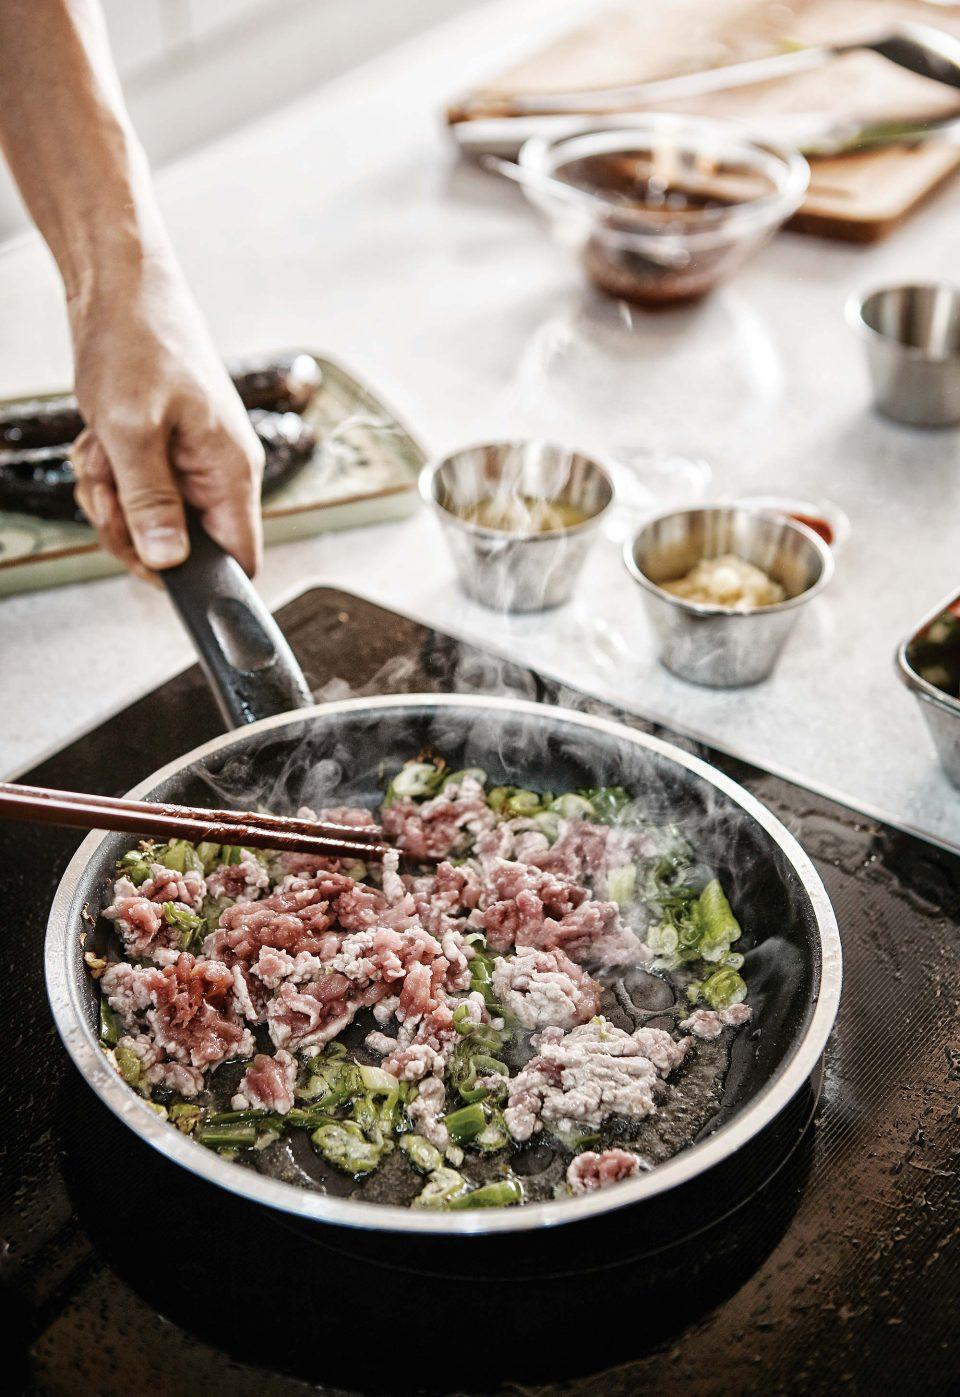 어향가지 위에 얹을 소스를 프라이팬에 볶고 있다. 다진 돼지고기와 함께 대파와 마늘, 생강, 고추와 두반장, 진간장, 식초, 설탕을 넣어 간한다.